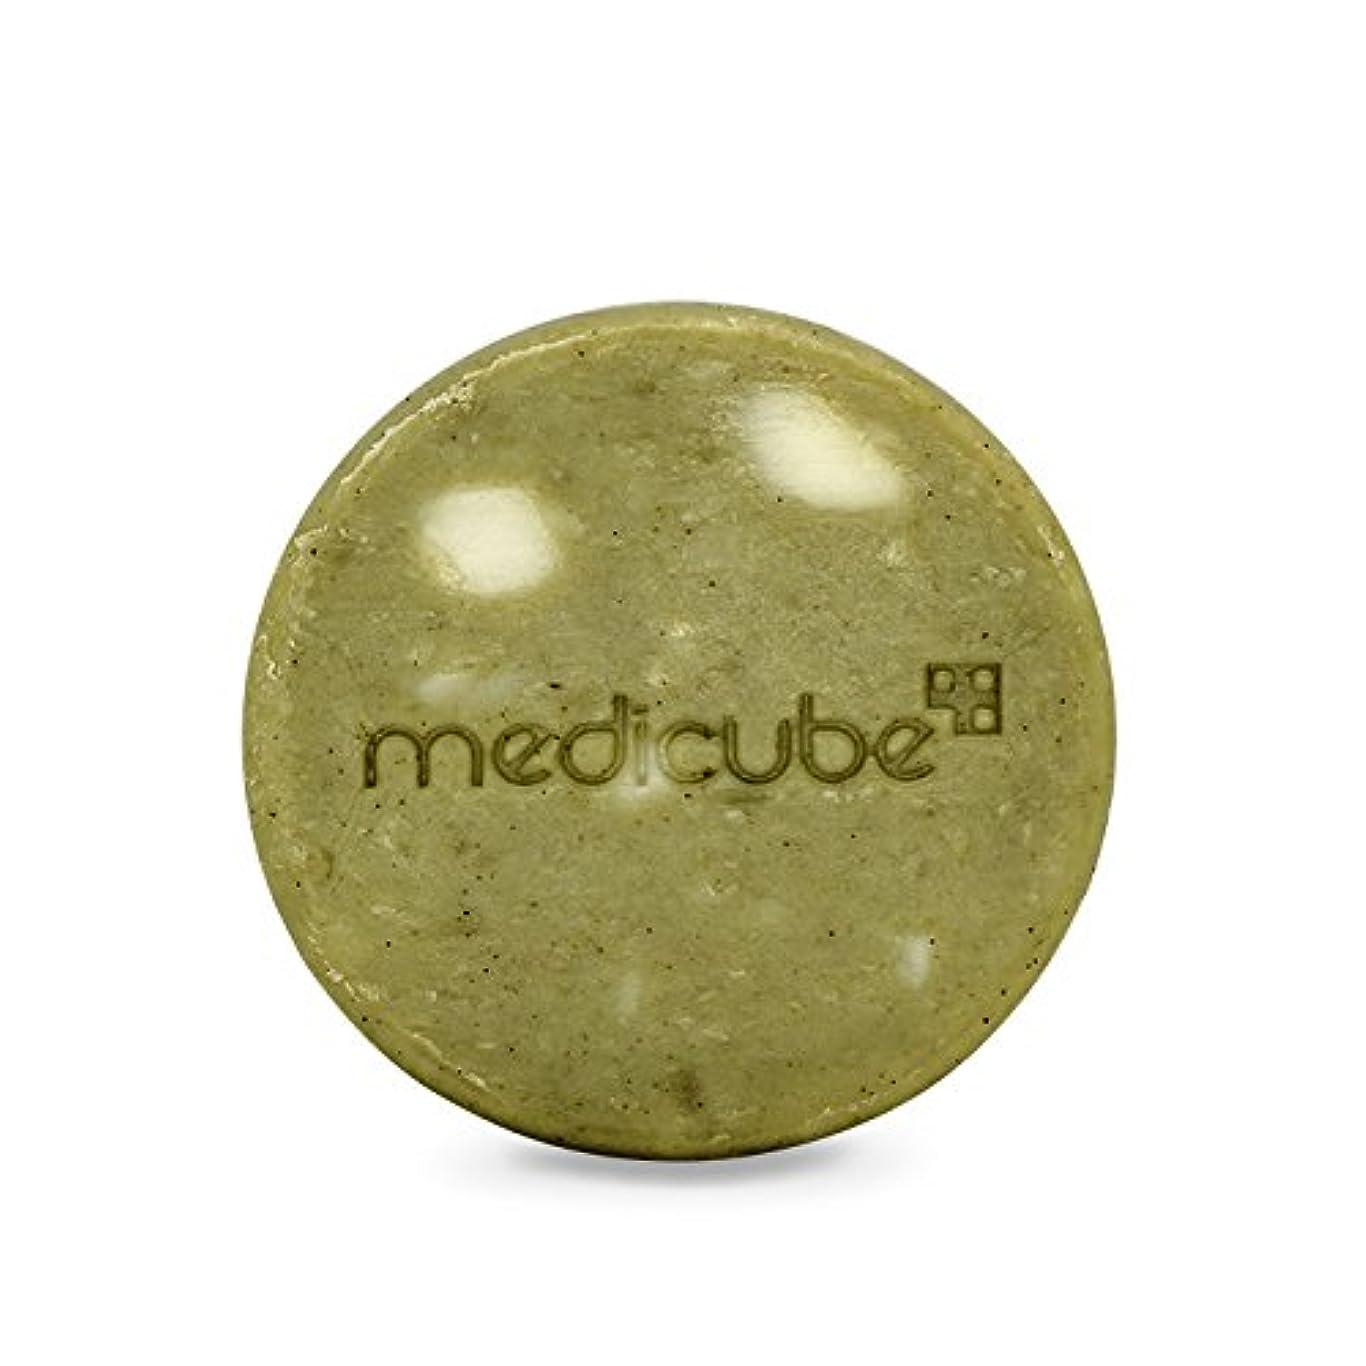 冒険家たまに熟読[Medicube]Red Body Bar / メディキューブレッドボディバー / 正品?海外直送商品 [並行輸入品]